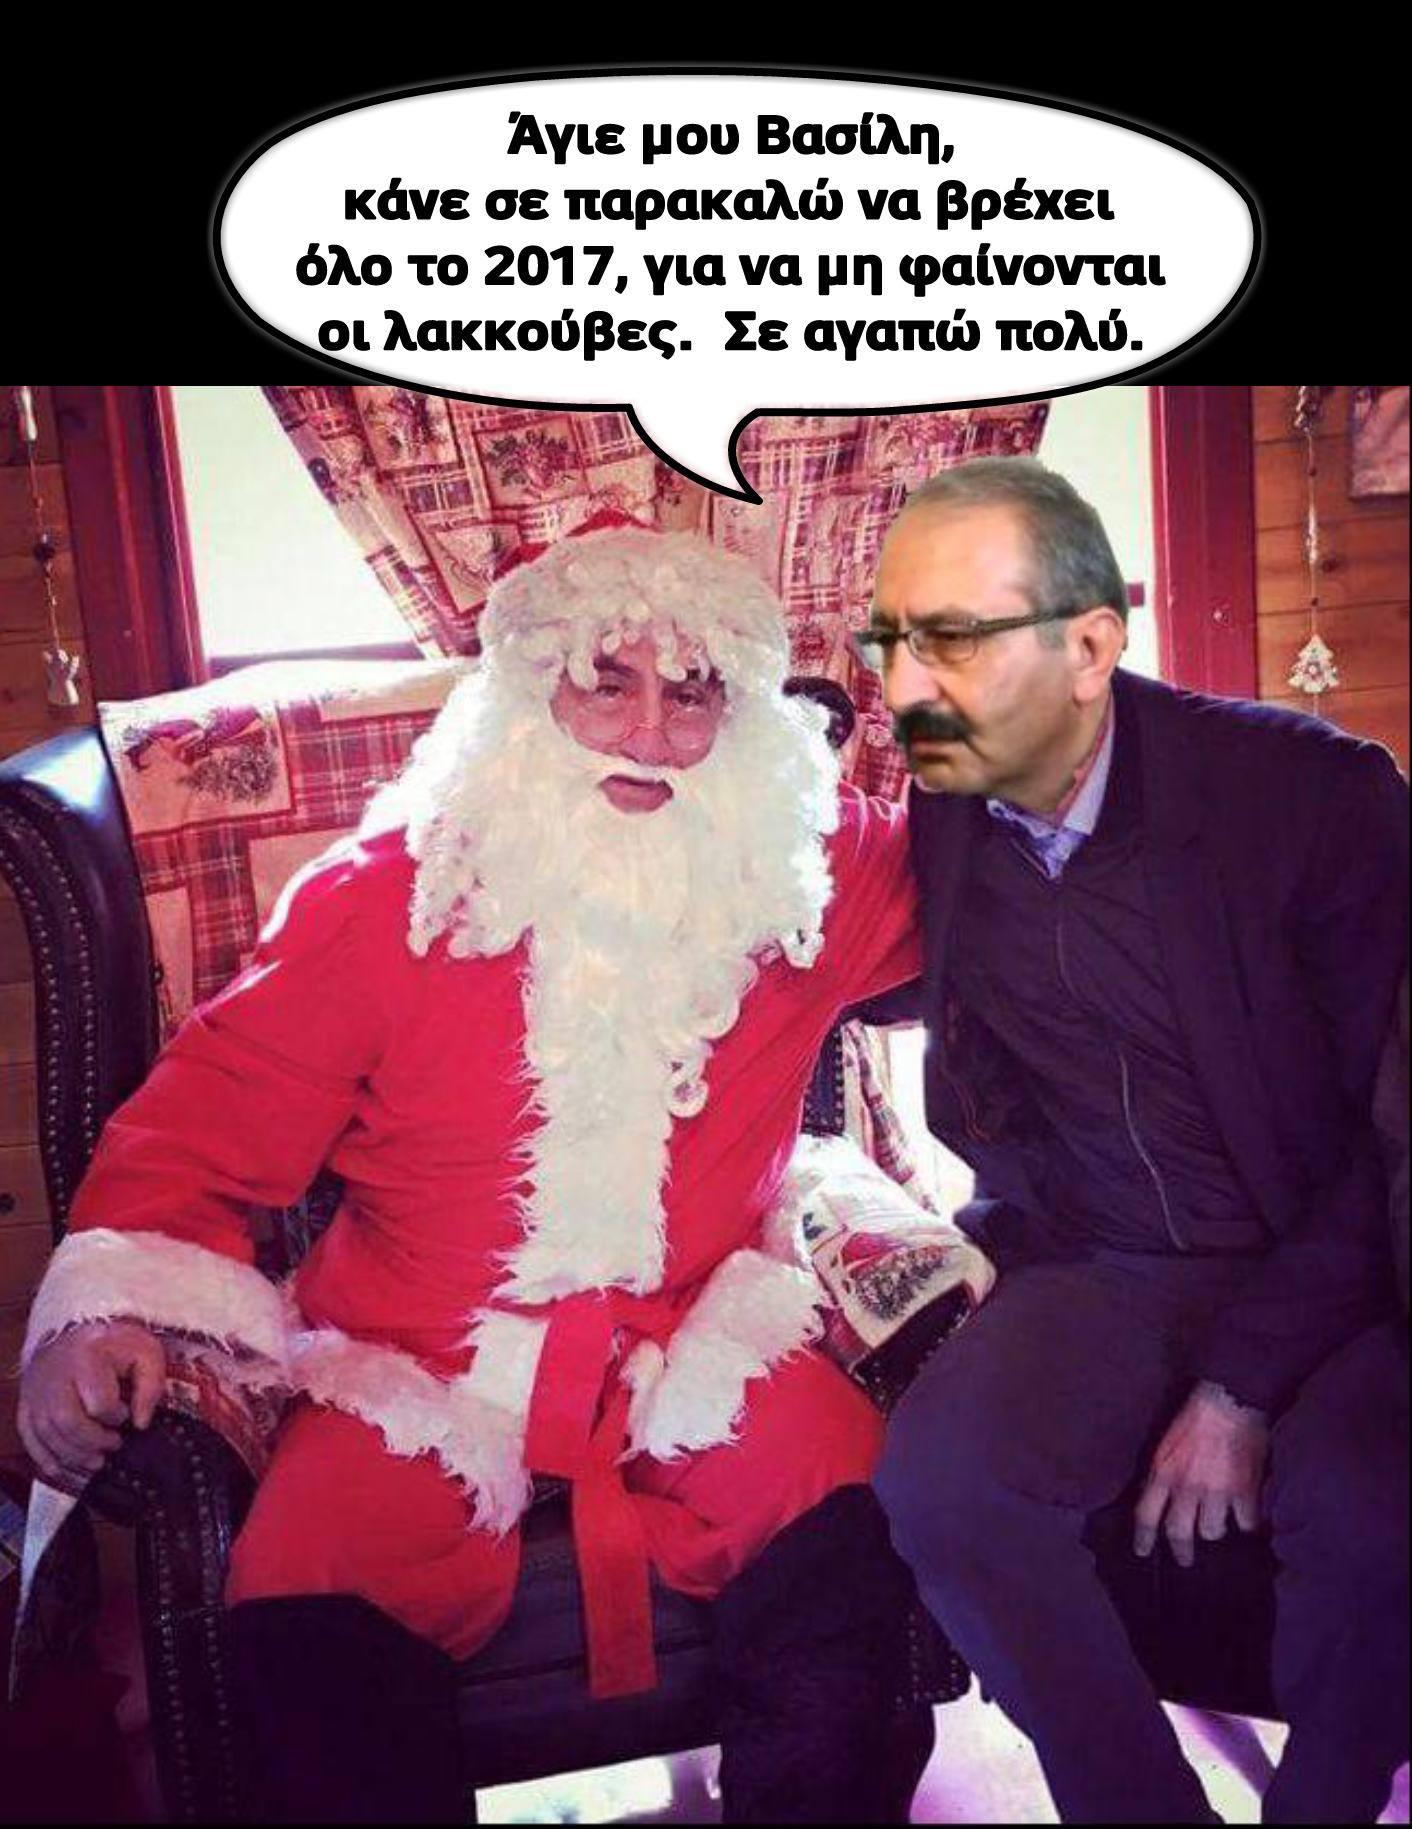 Αναγνώστης του Kozan.gr αποκαλύπτει τι ζήτησε ο δήμαρχος Εορδαίας από τον Άγιο Βασίλη